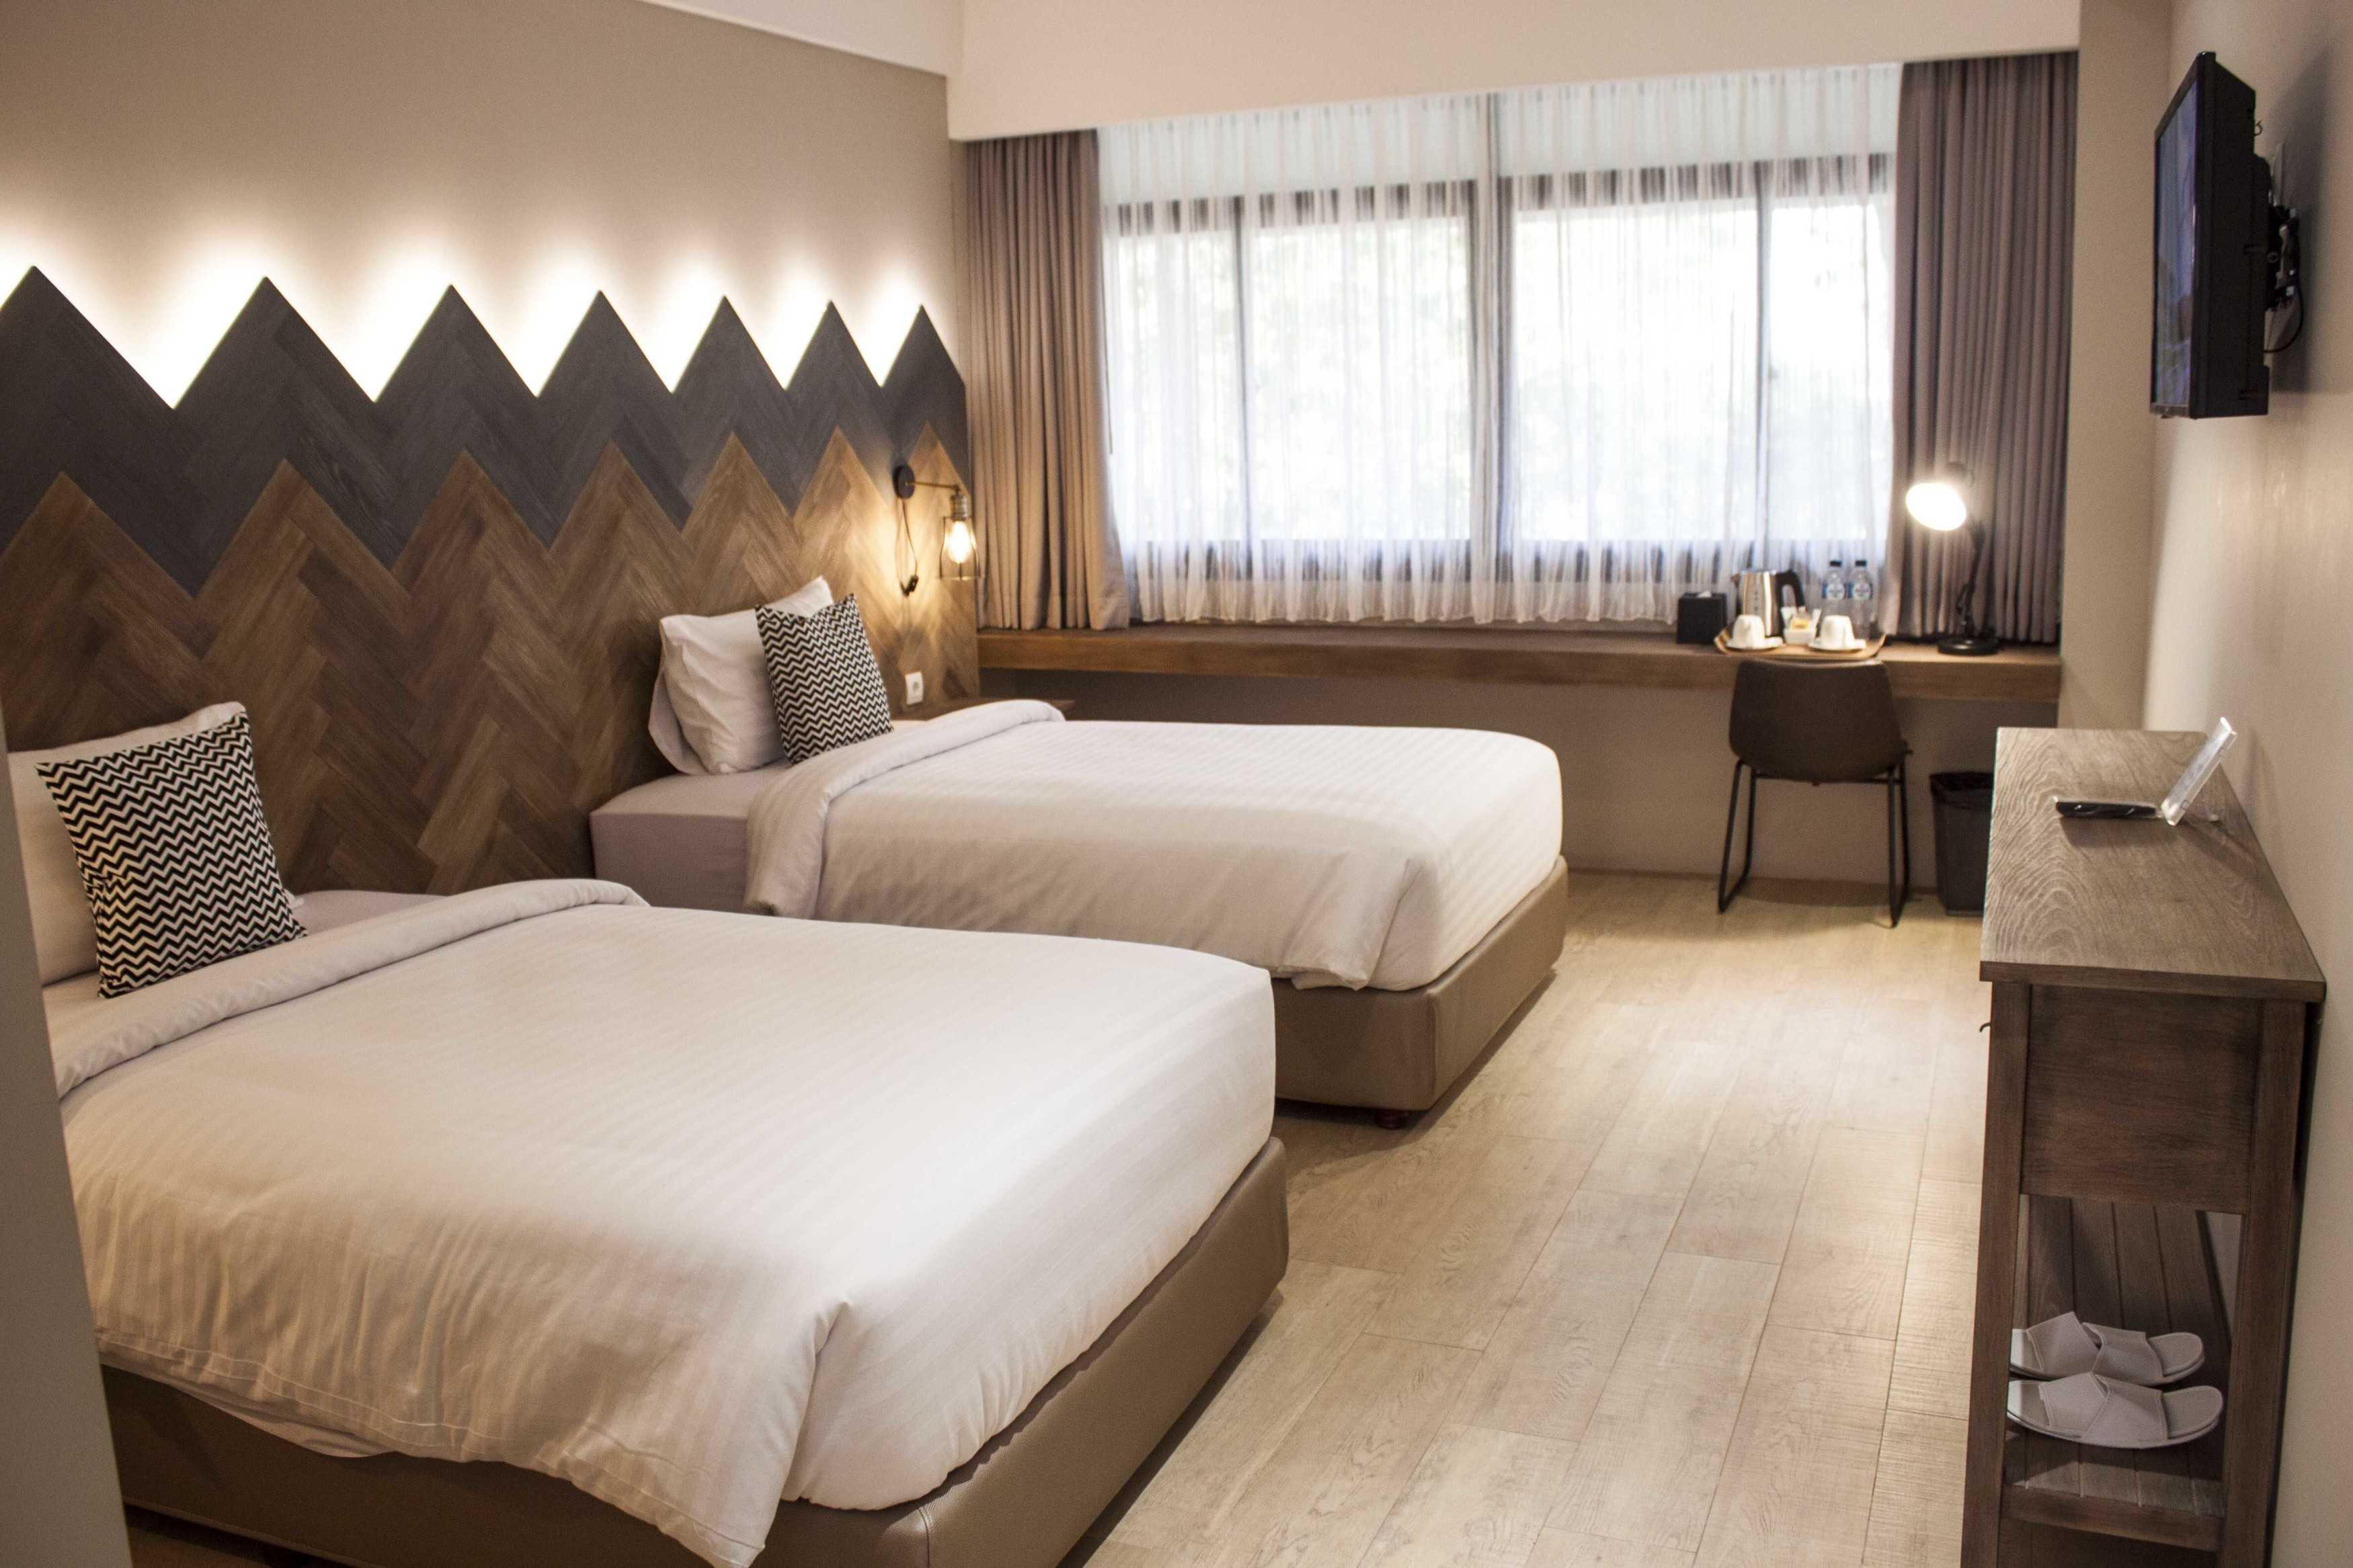 Januar Senjaya & Filani Limansyah / Addo Architecture Beehive Boutique Hotel Bandung, West Java, Indonesia Bandung, West Java, Indonesia Hotel Room   9701